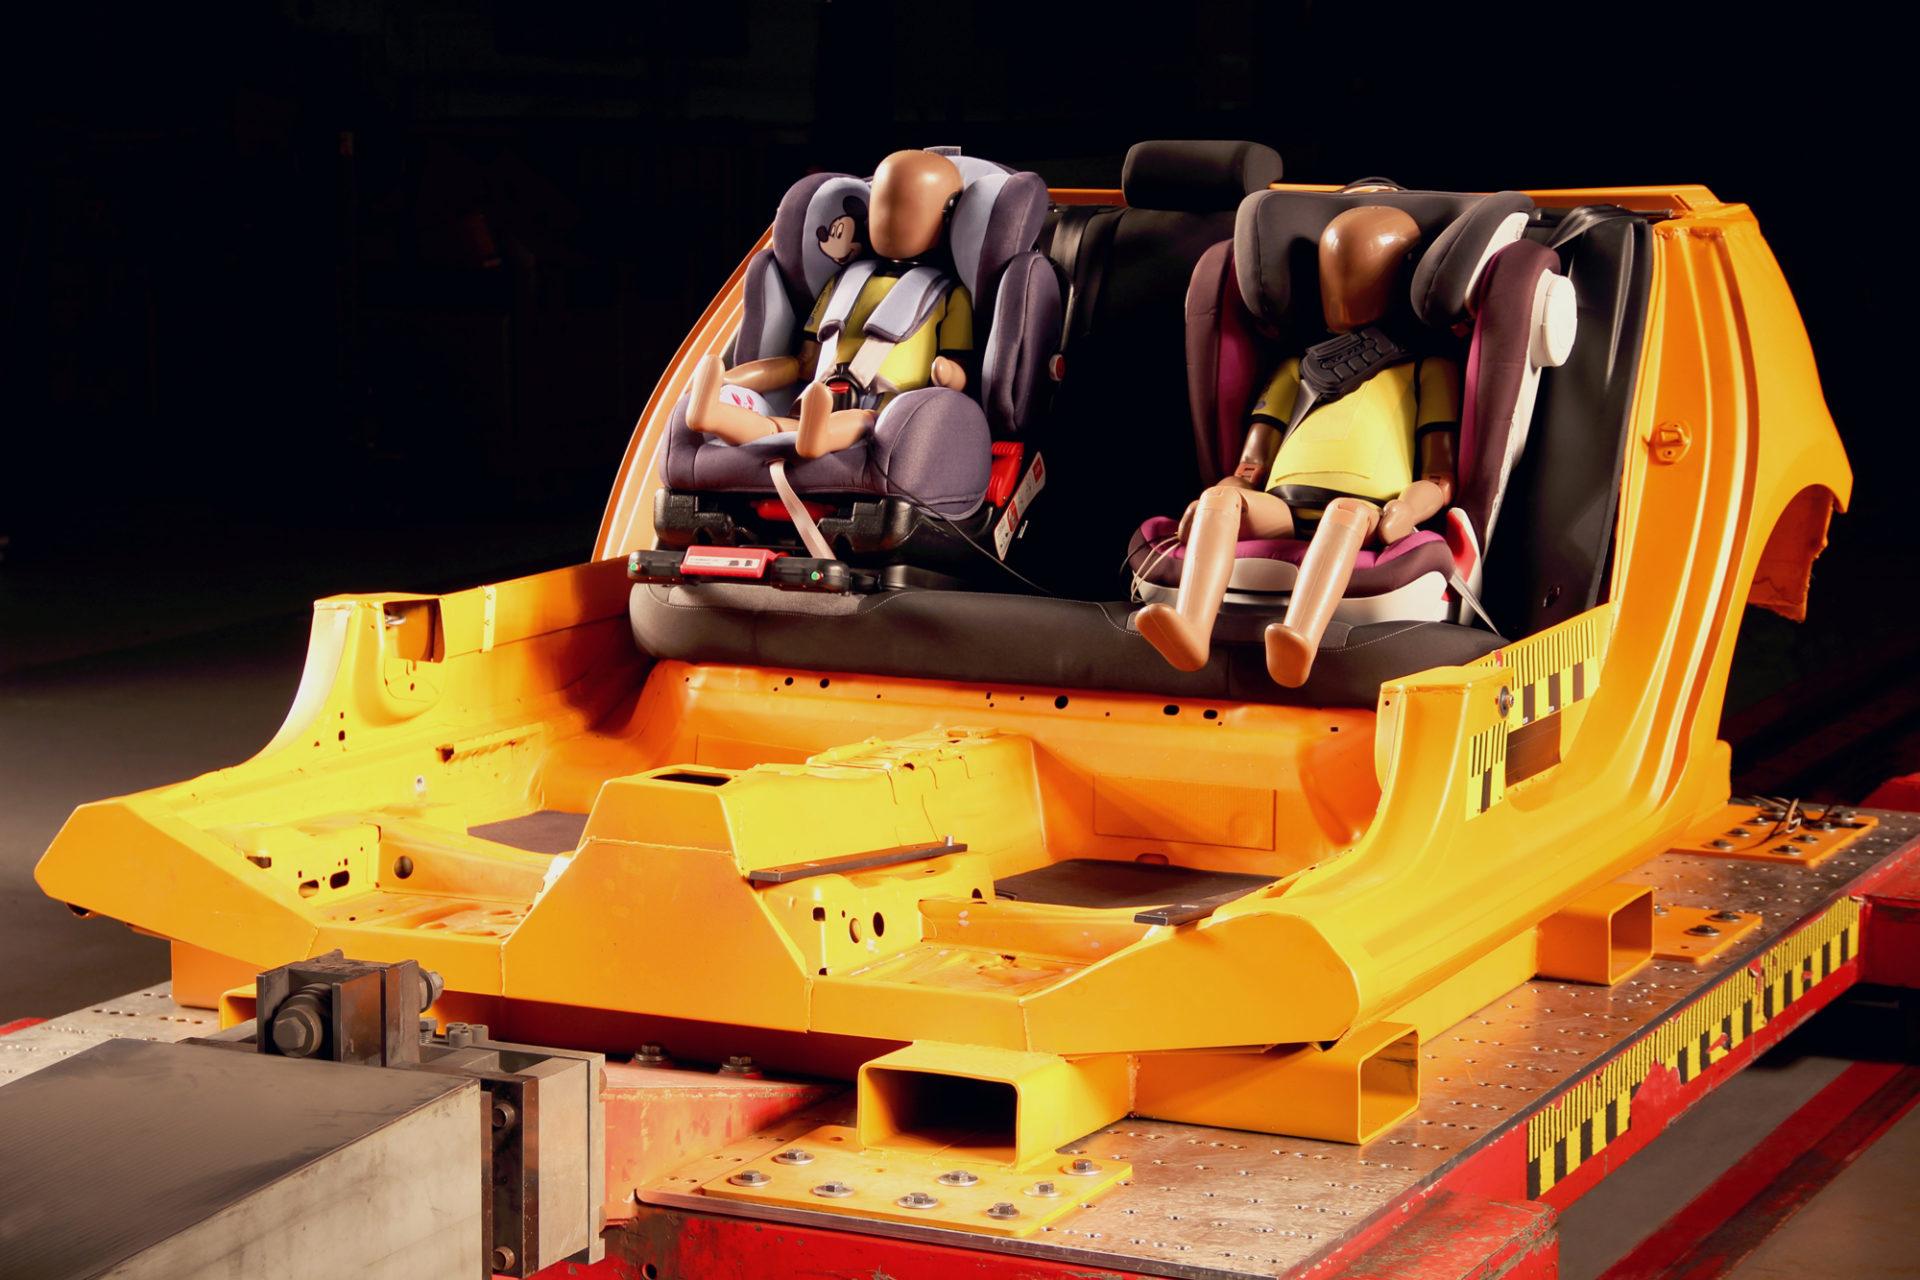 Kindersitztest In Landsberg, Versuchsaufbau. Test Dummie Foto: Andreas Ratzek